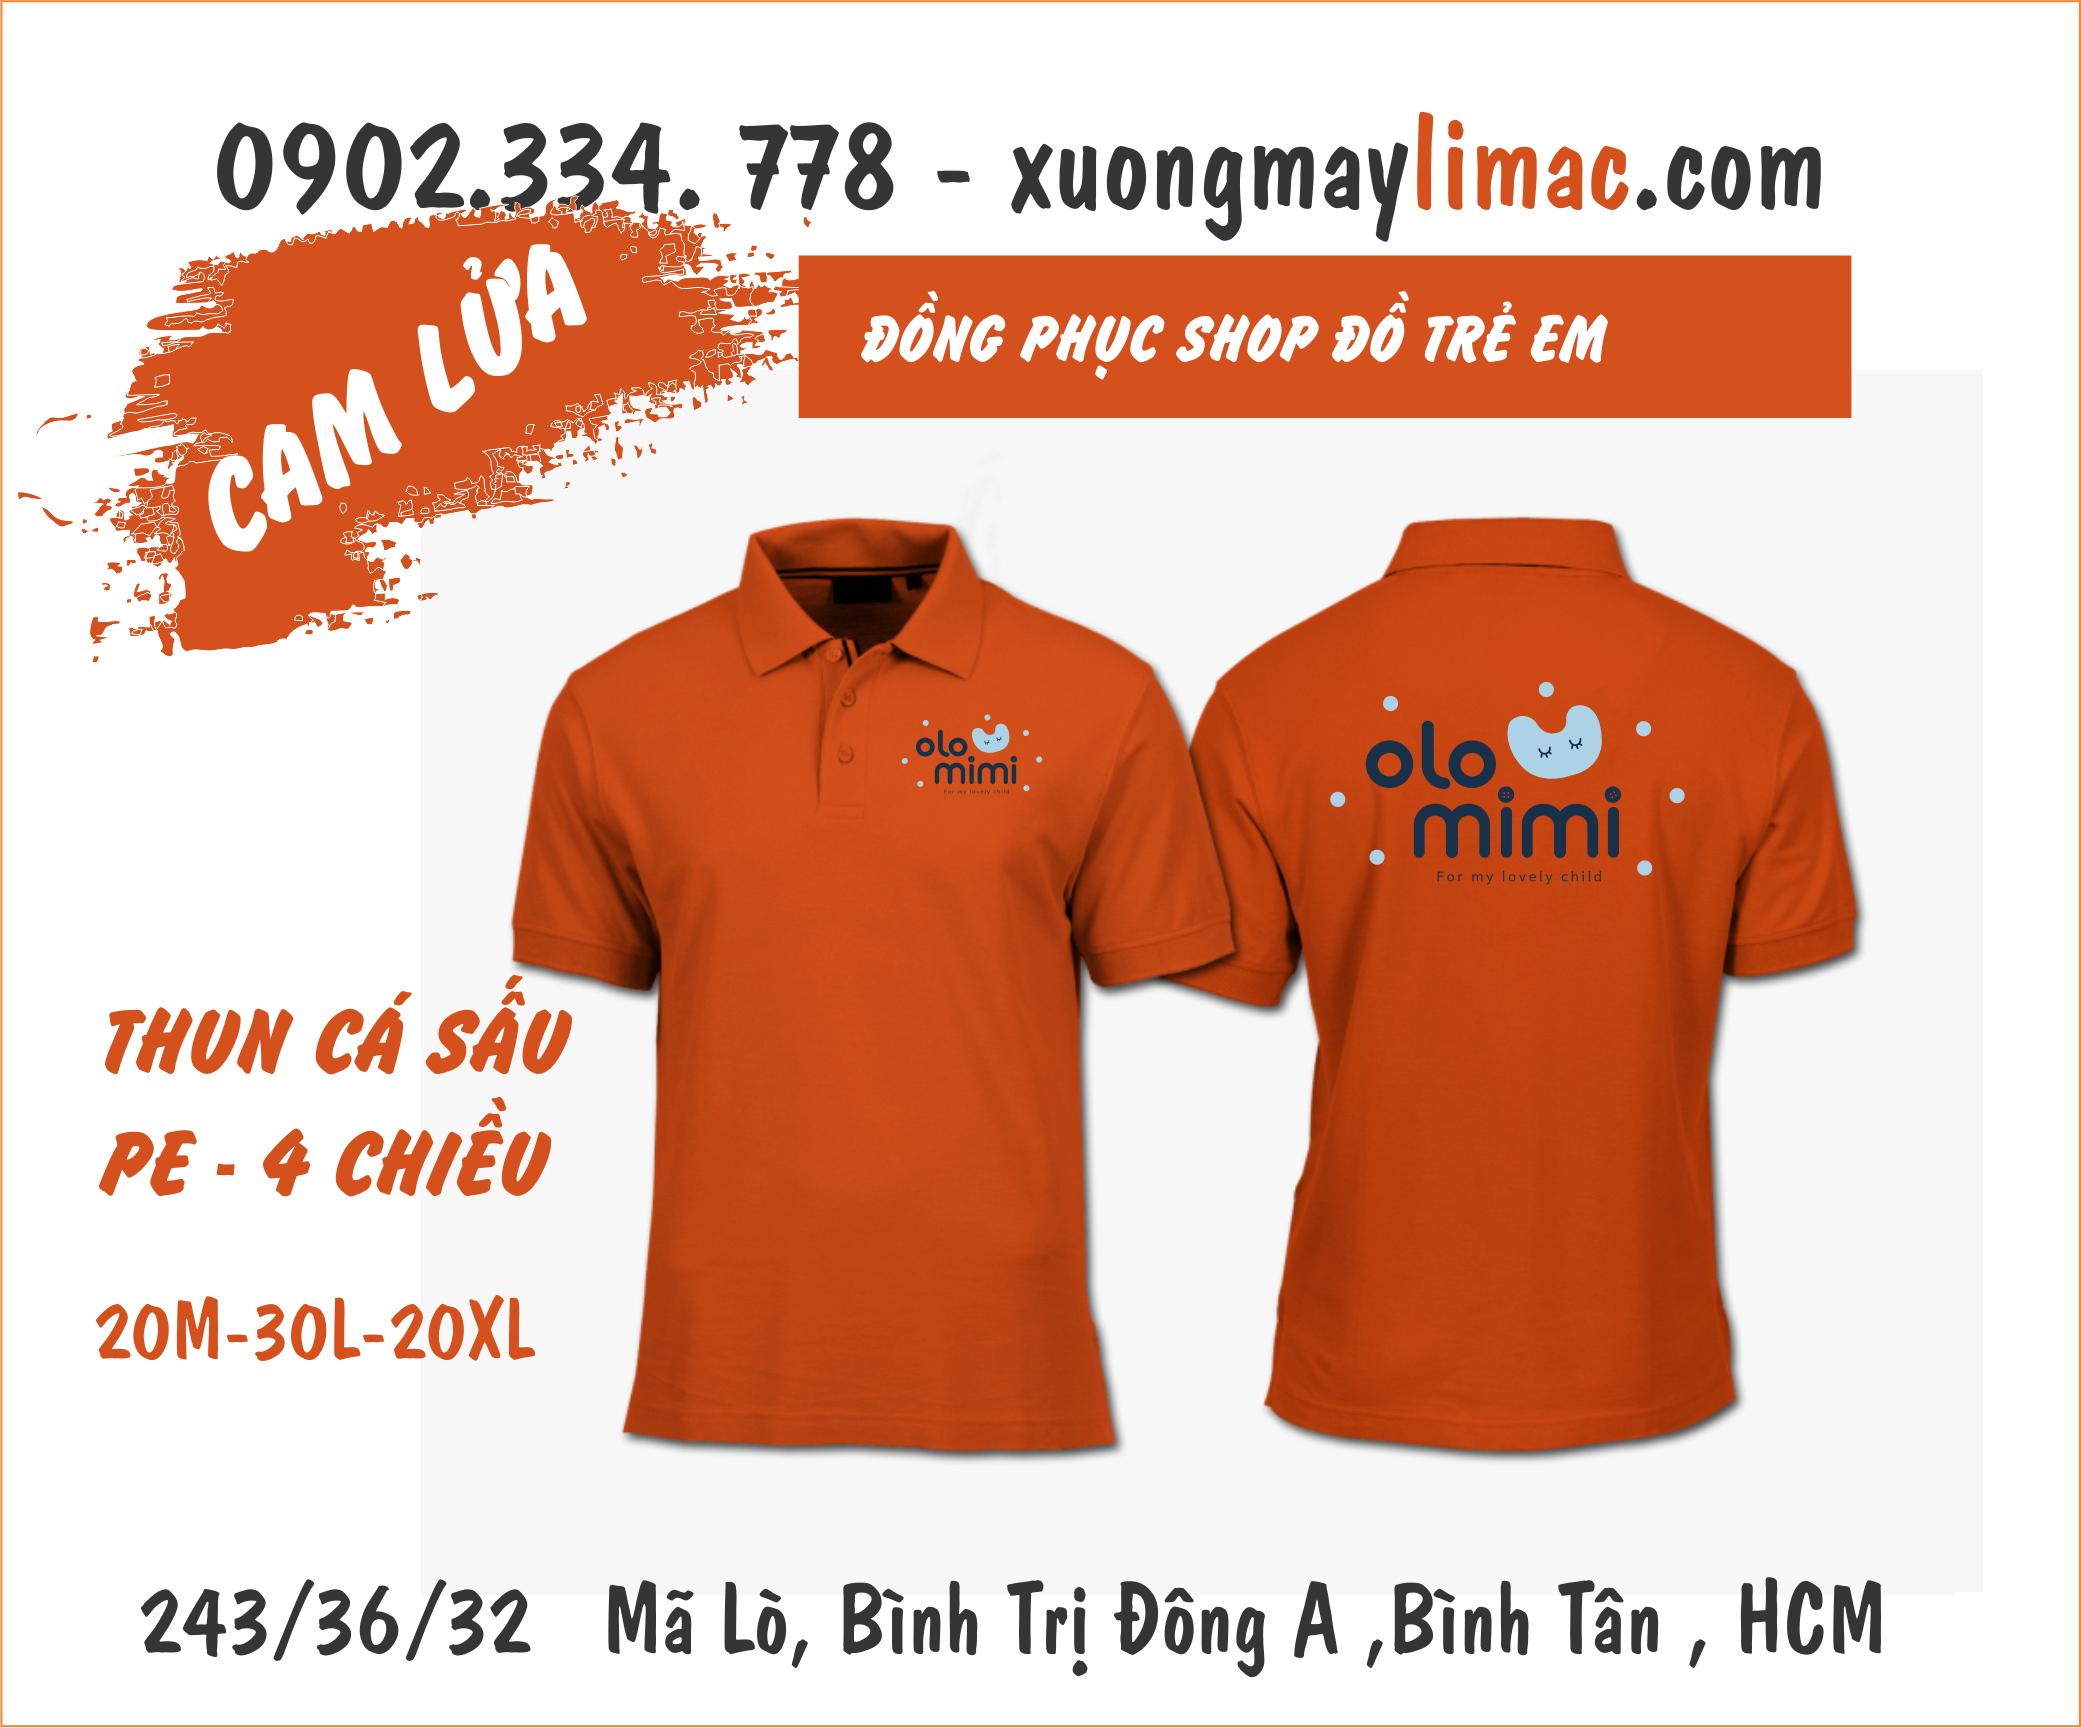 May đồng phục khu vui chơi, áo thun đồng phục cửa hàng đồ chơi trẻ em tại tphcm giá rẻ nhất